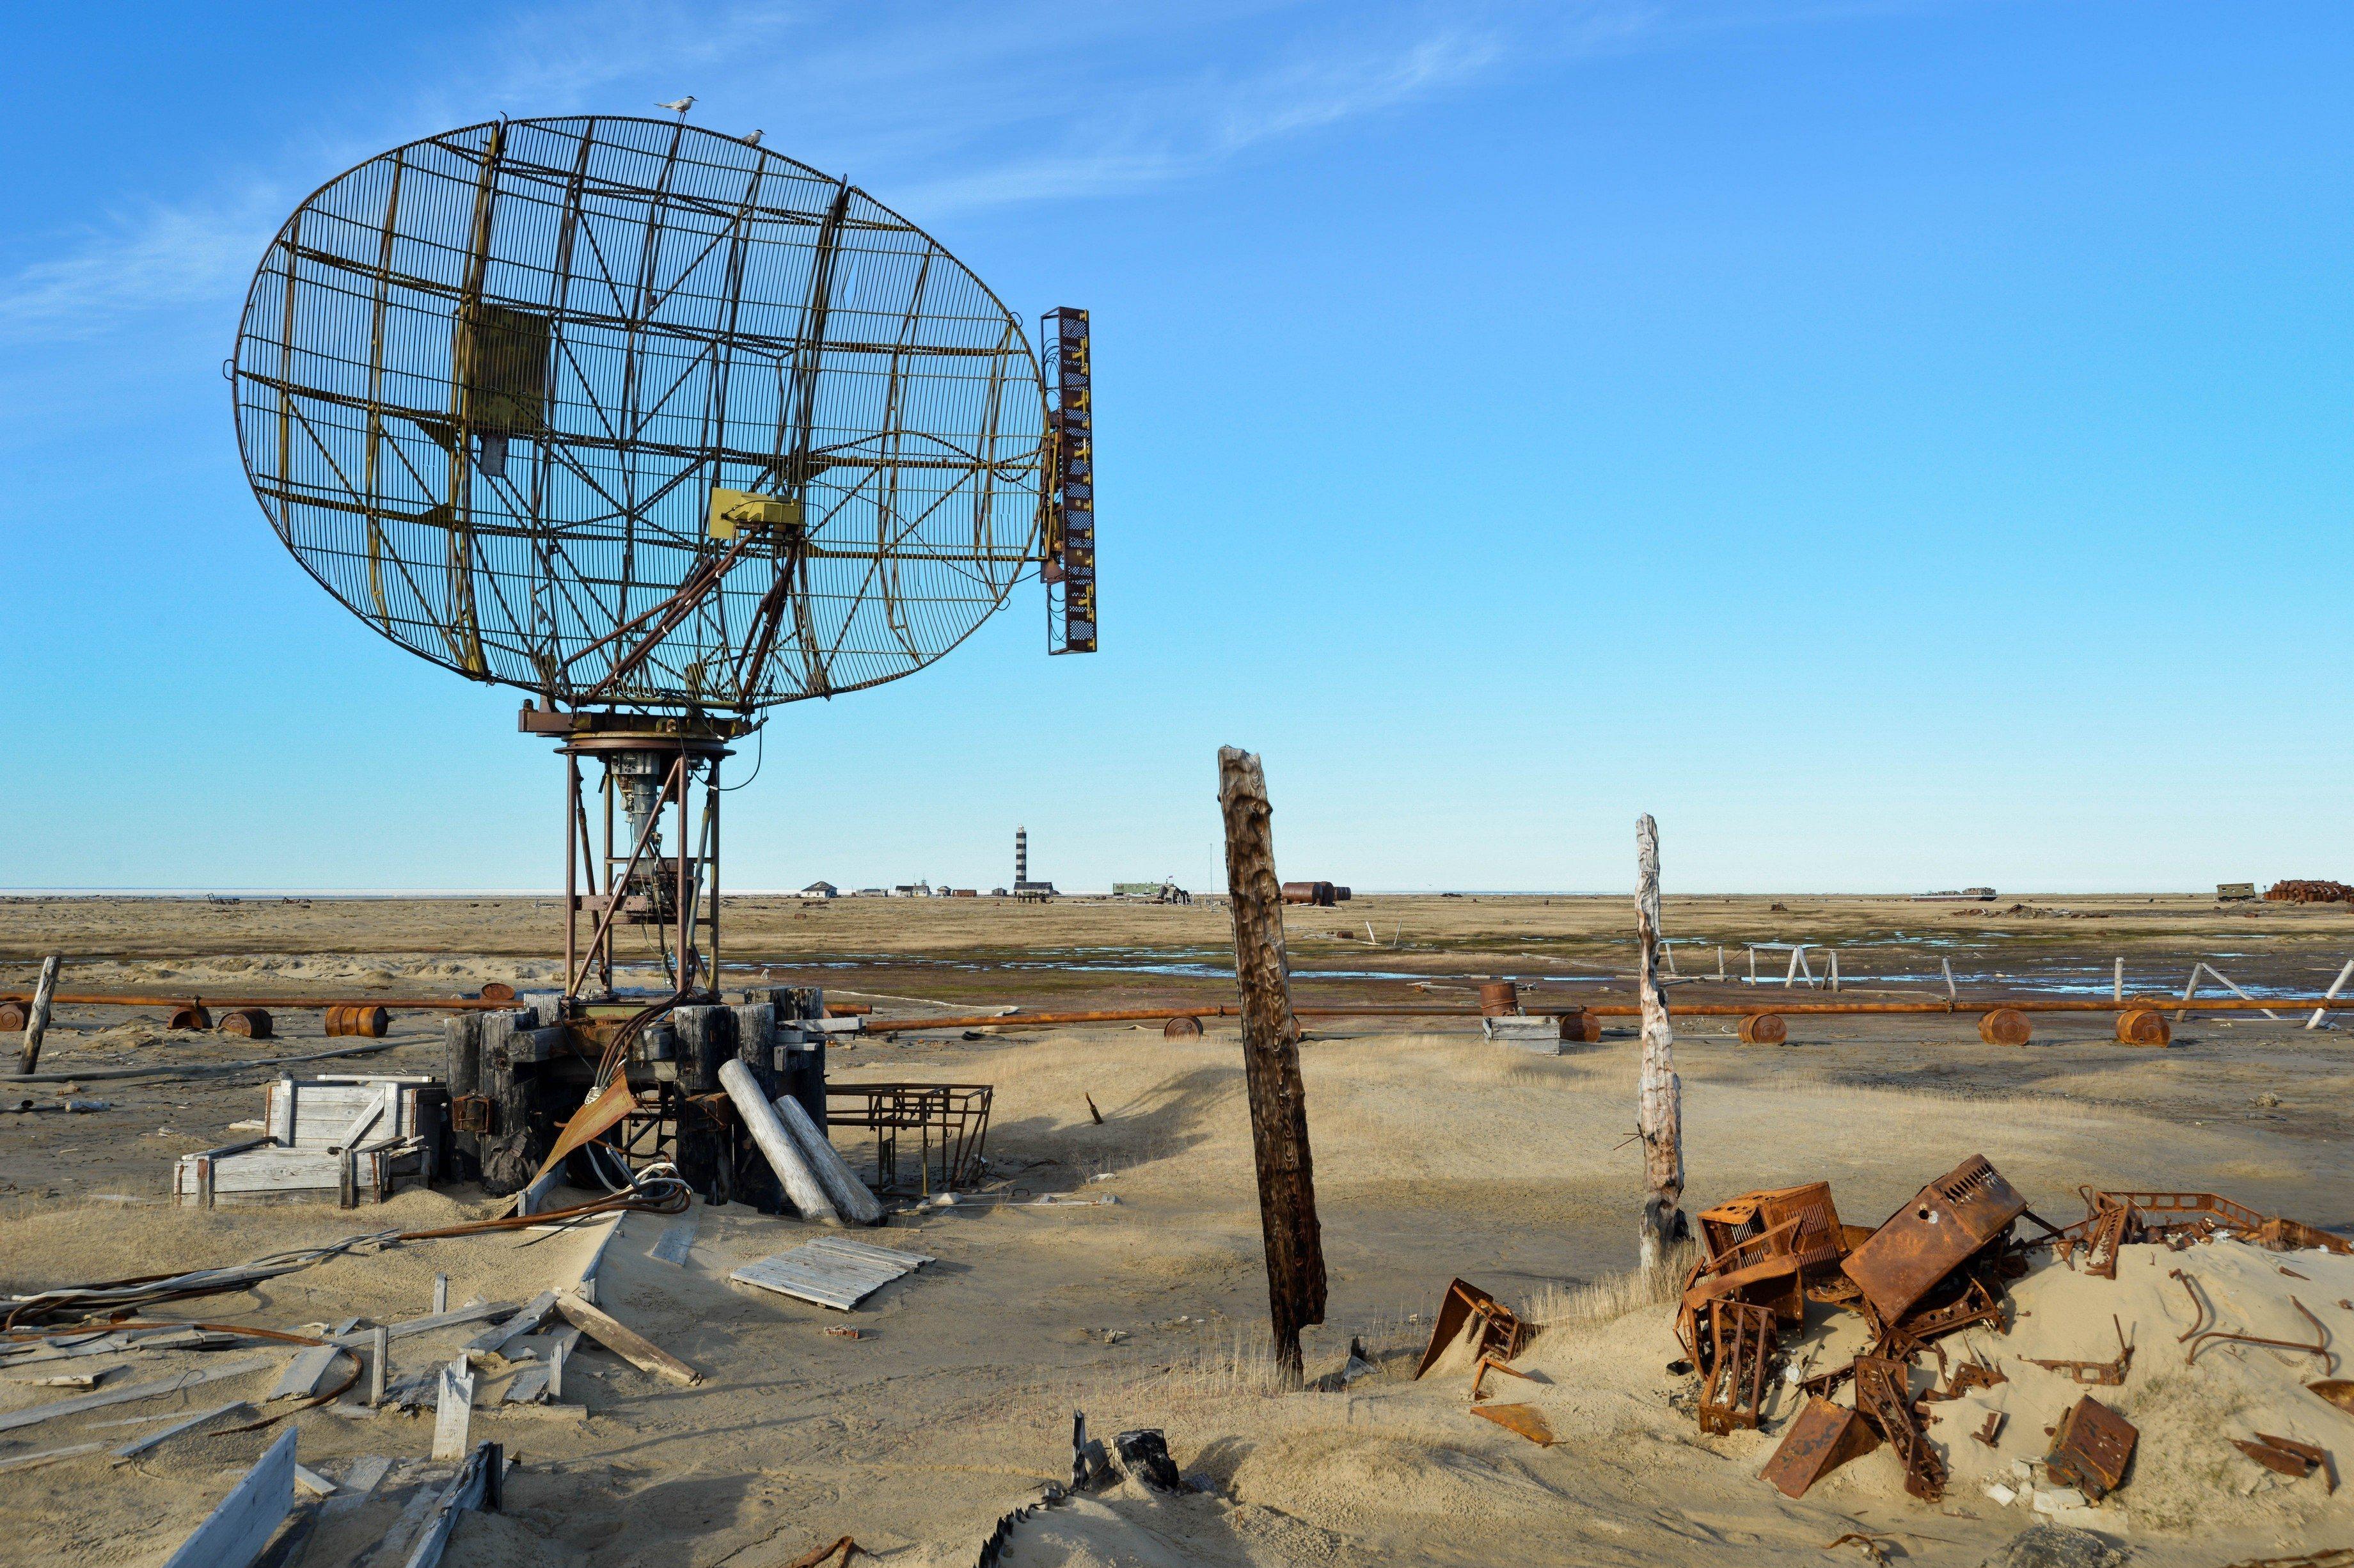 Самые загрязненные острова на Ямале - Белый и Вилькицкого